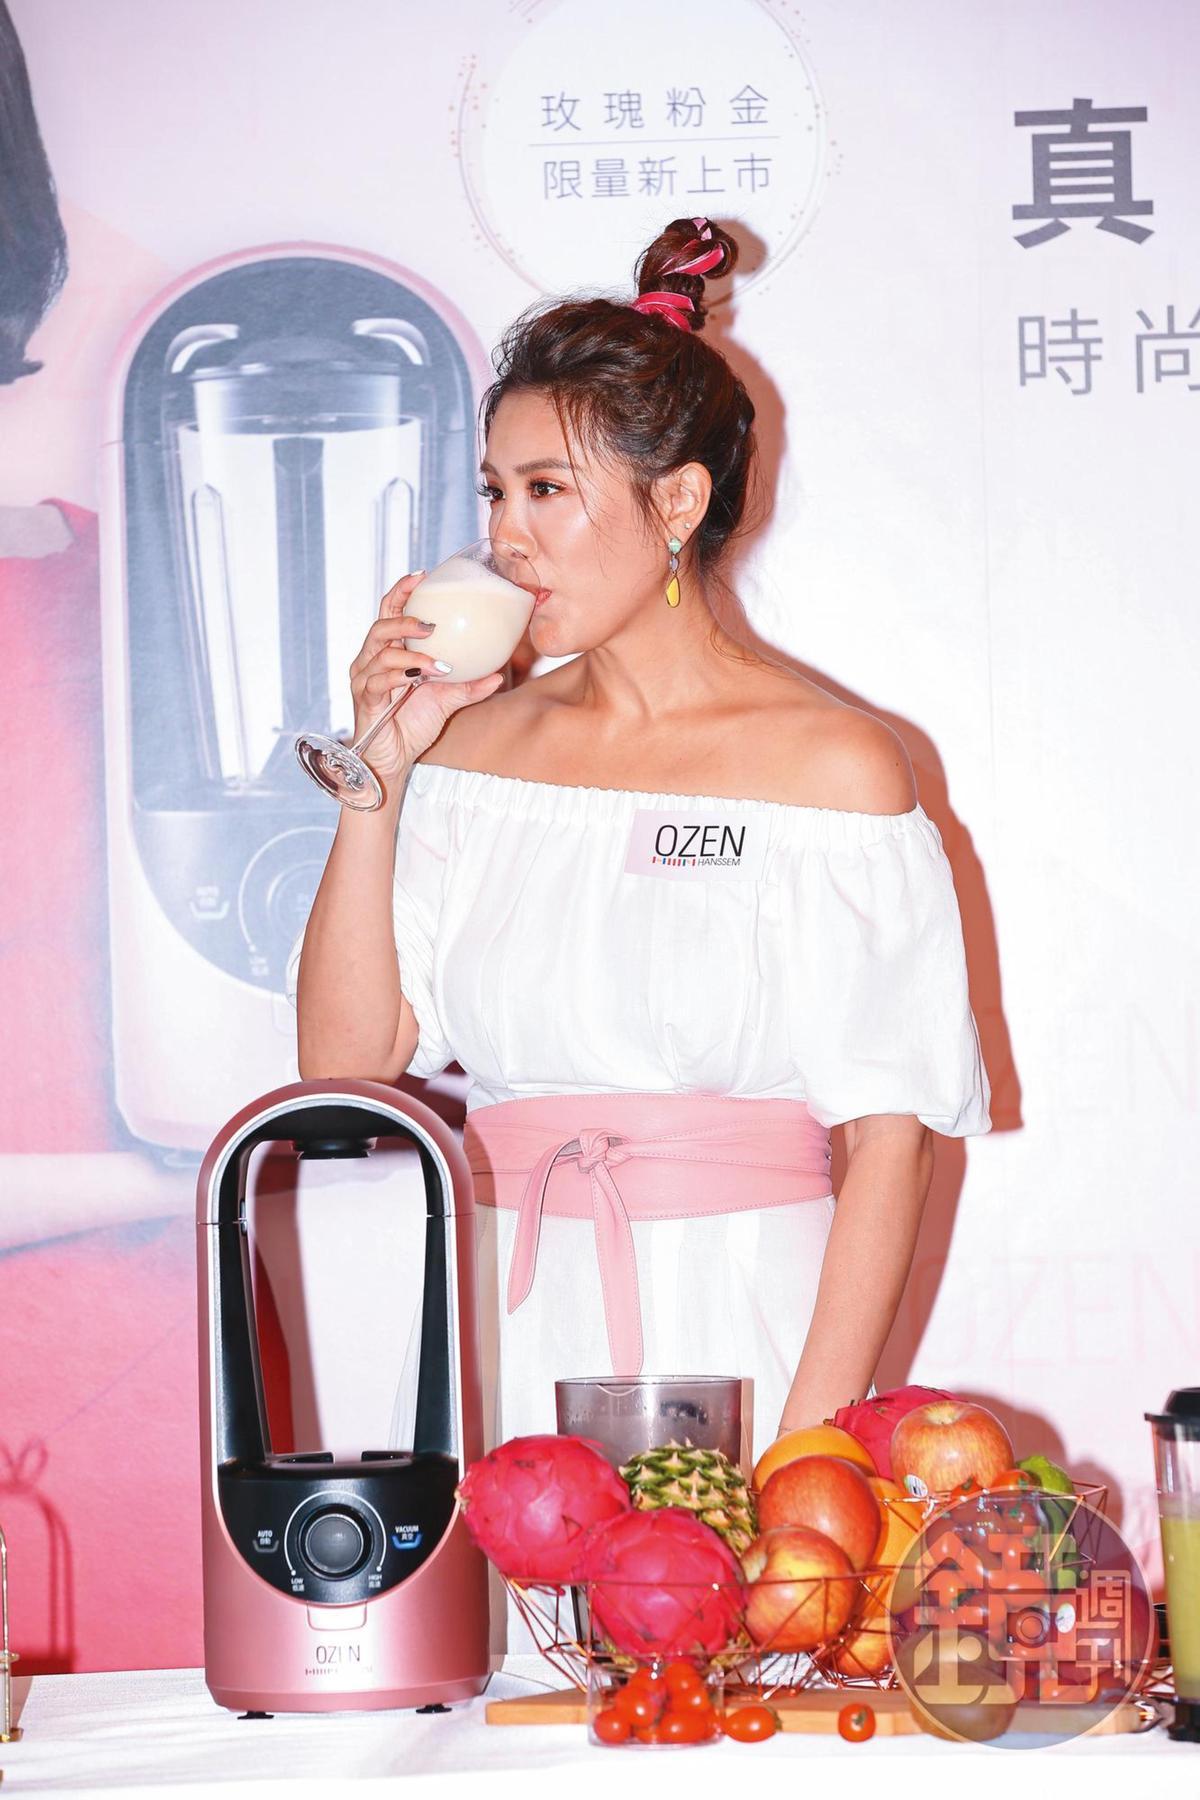 小禎因瘦身成功,成為婦女瘦身偶像,也經常代言減肥相關產品。